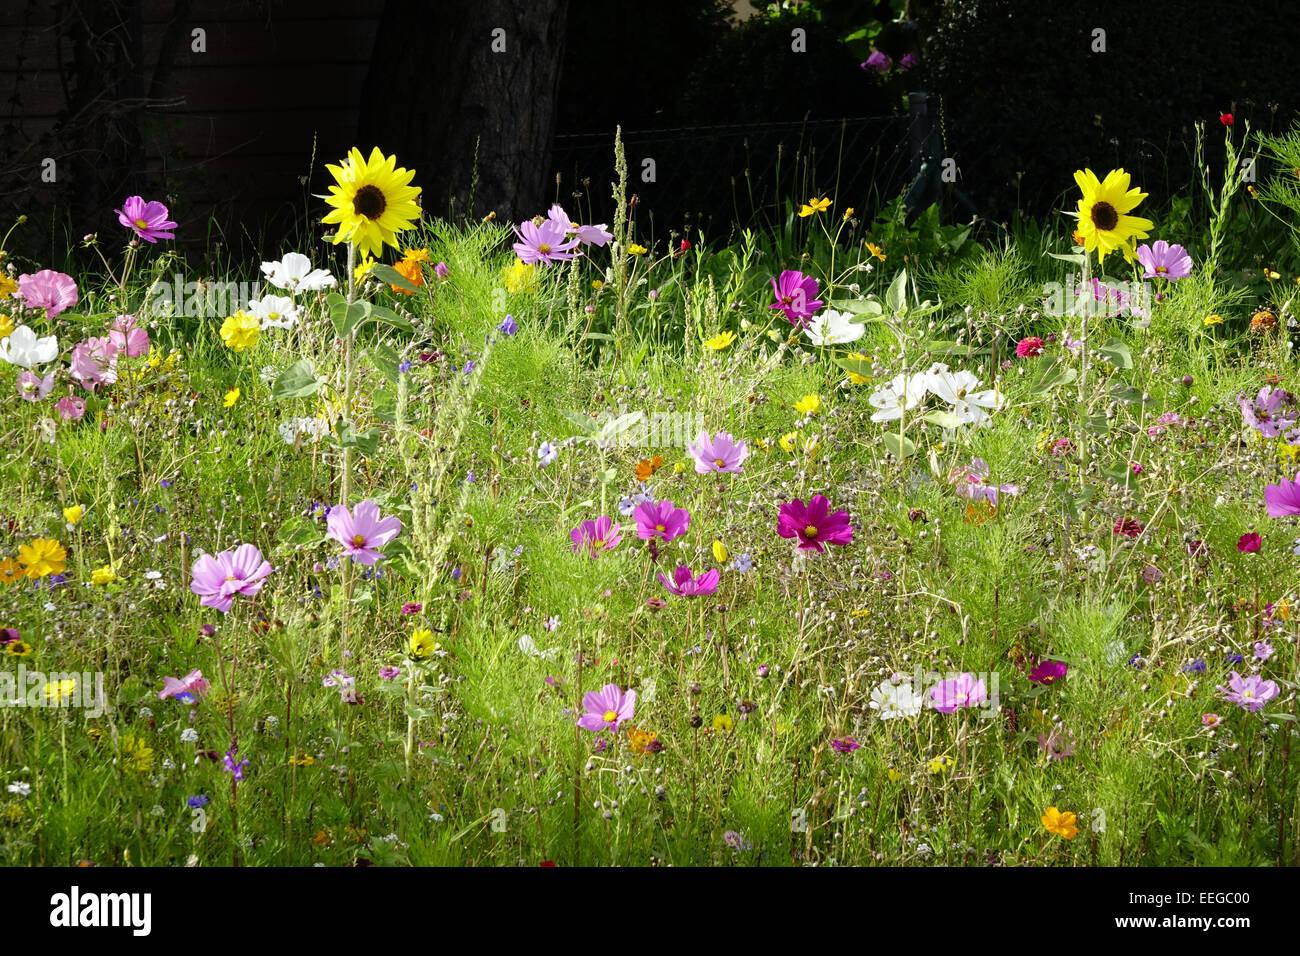 bunte blumenwiese im sommer bunte blumenwiese im sommer au en wildblumen wildblumen wiesen. Black Bedroom Furniture Sets. Home Design Ideas